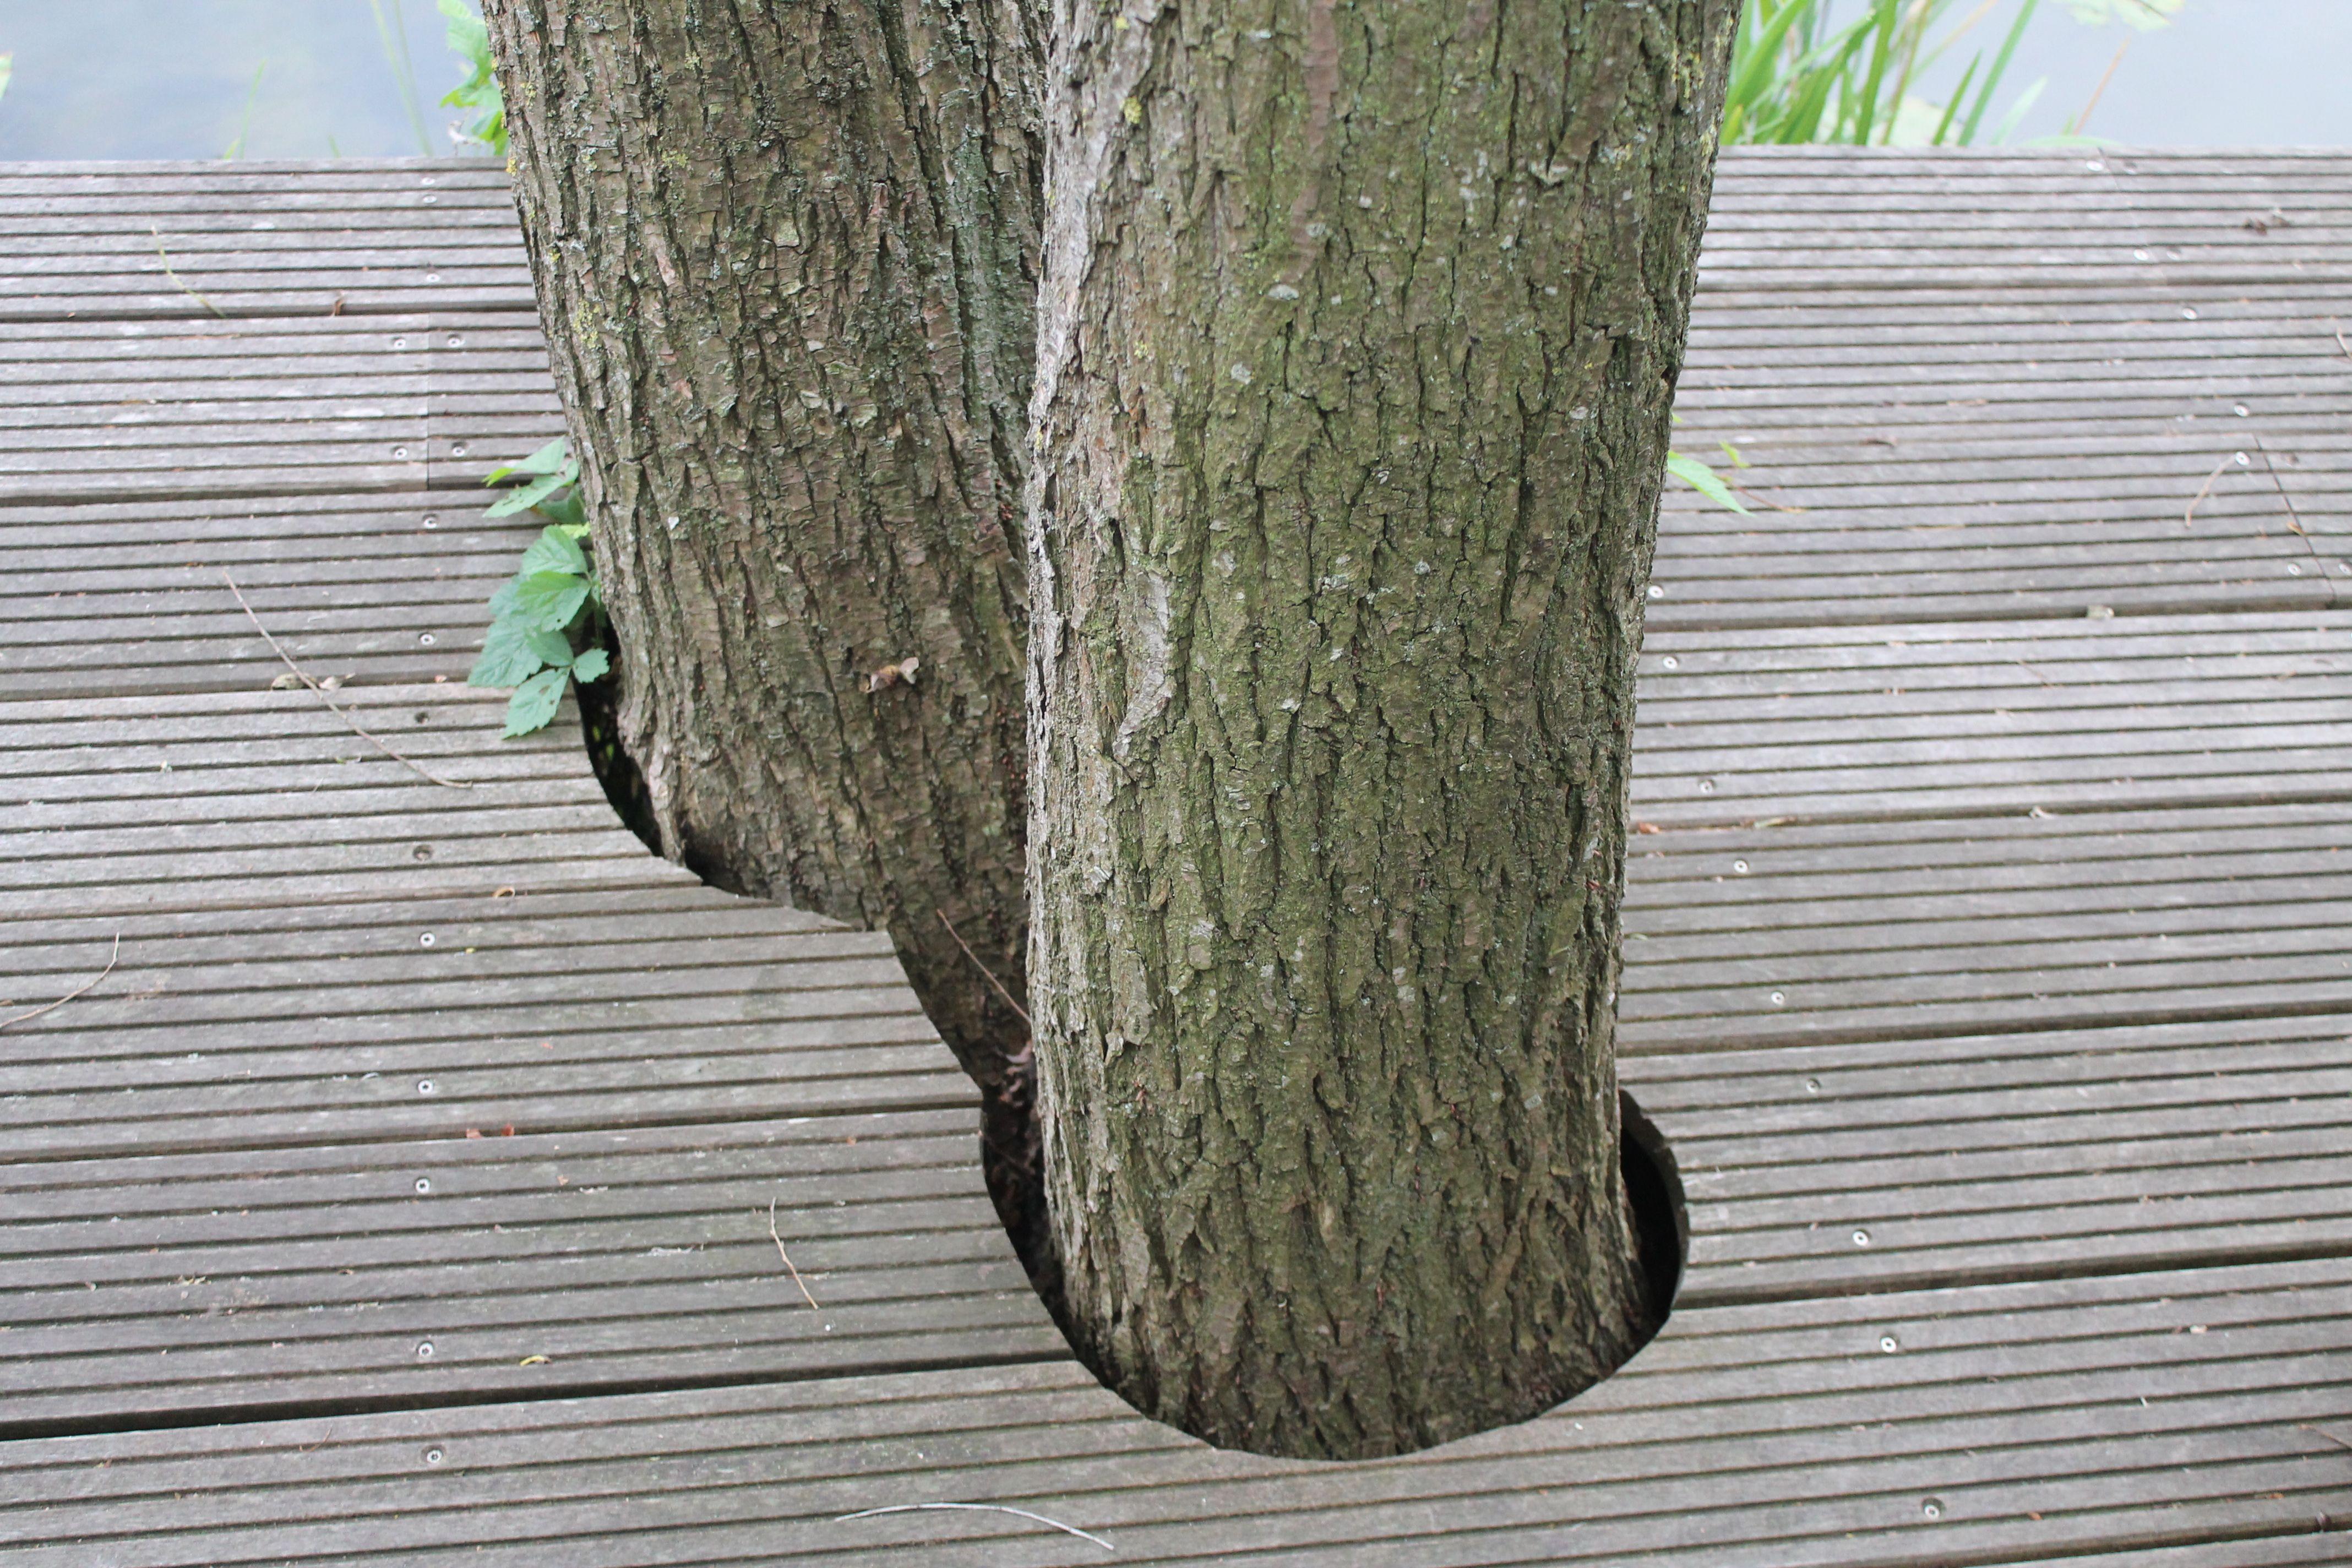 Slimme oplossing met bomen in de vlonder - Appeltern. Foto: Amber Aarts